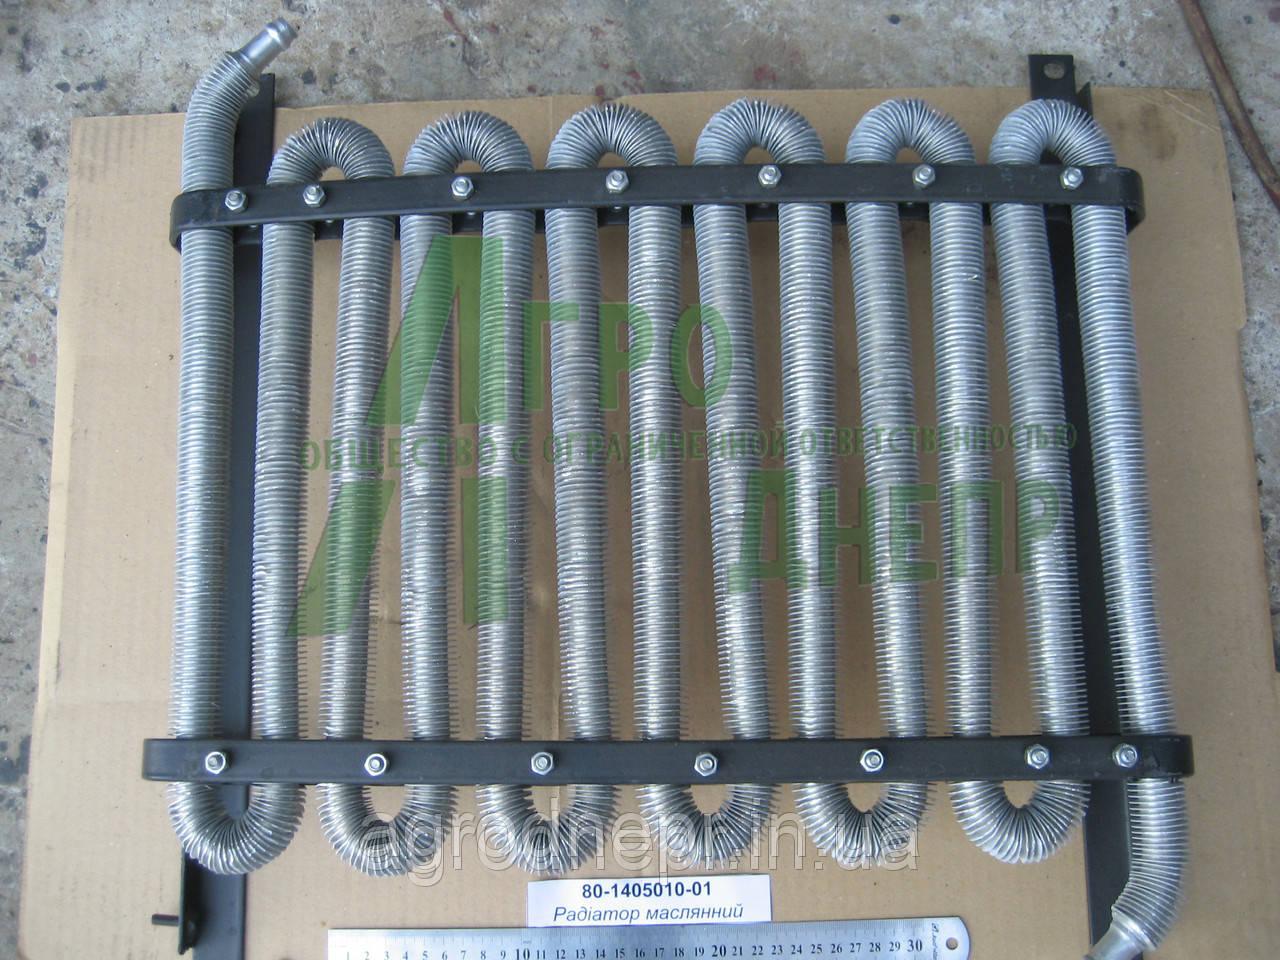 Радиатор маслянный МТЗ 70У-1405010-01